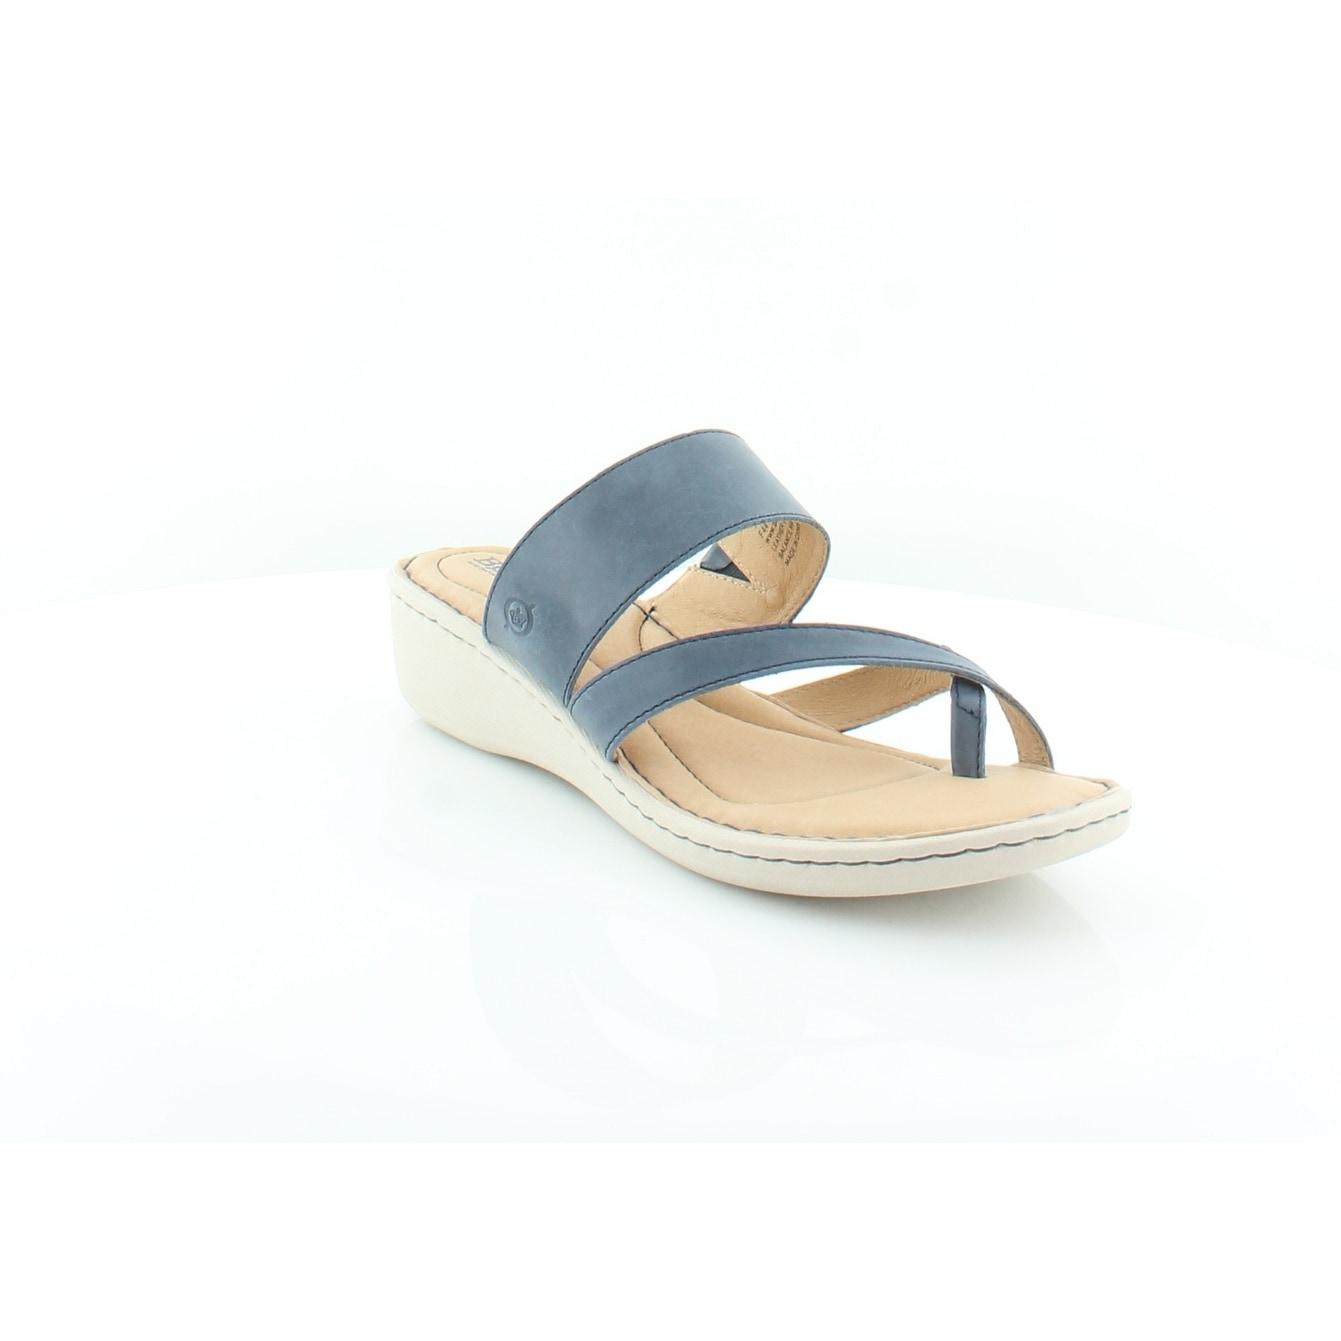 13a0e11e90a0 Shop Born Siene Women s Sandals Navy - Free Shipping Today ...